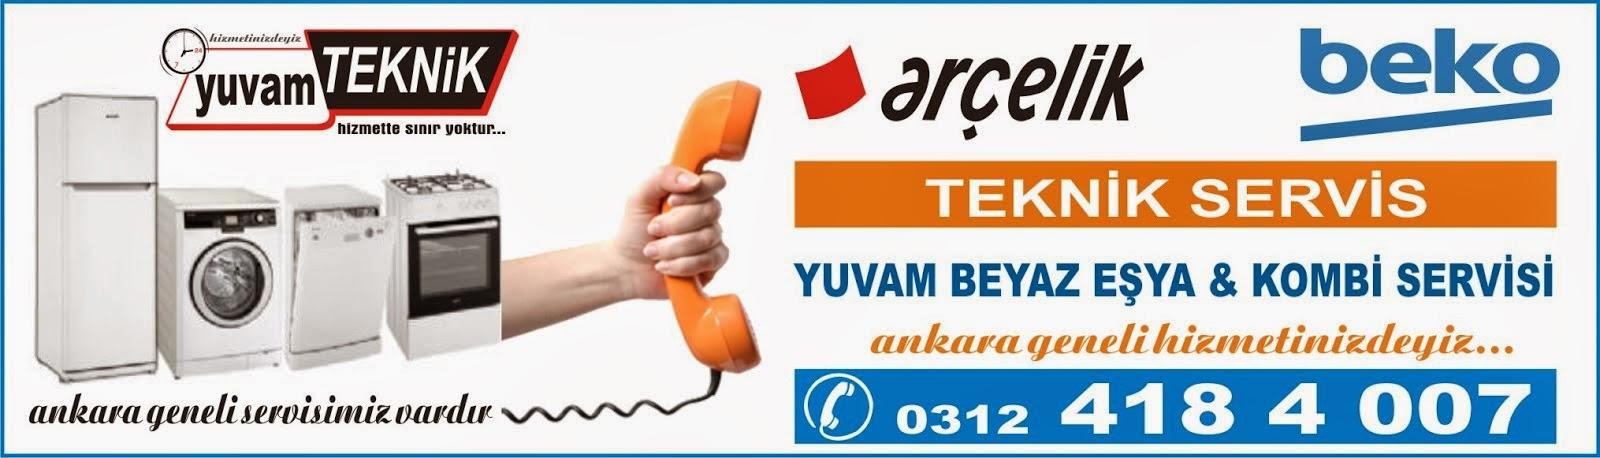 Ankara Arçelik Beko Teknik Servisi 0312 418 4 007